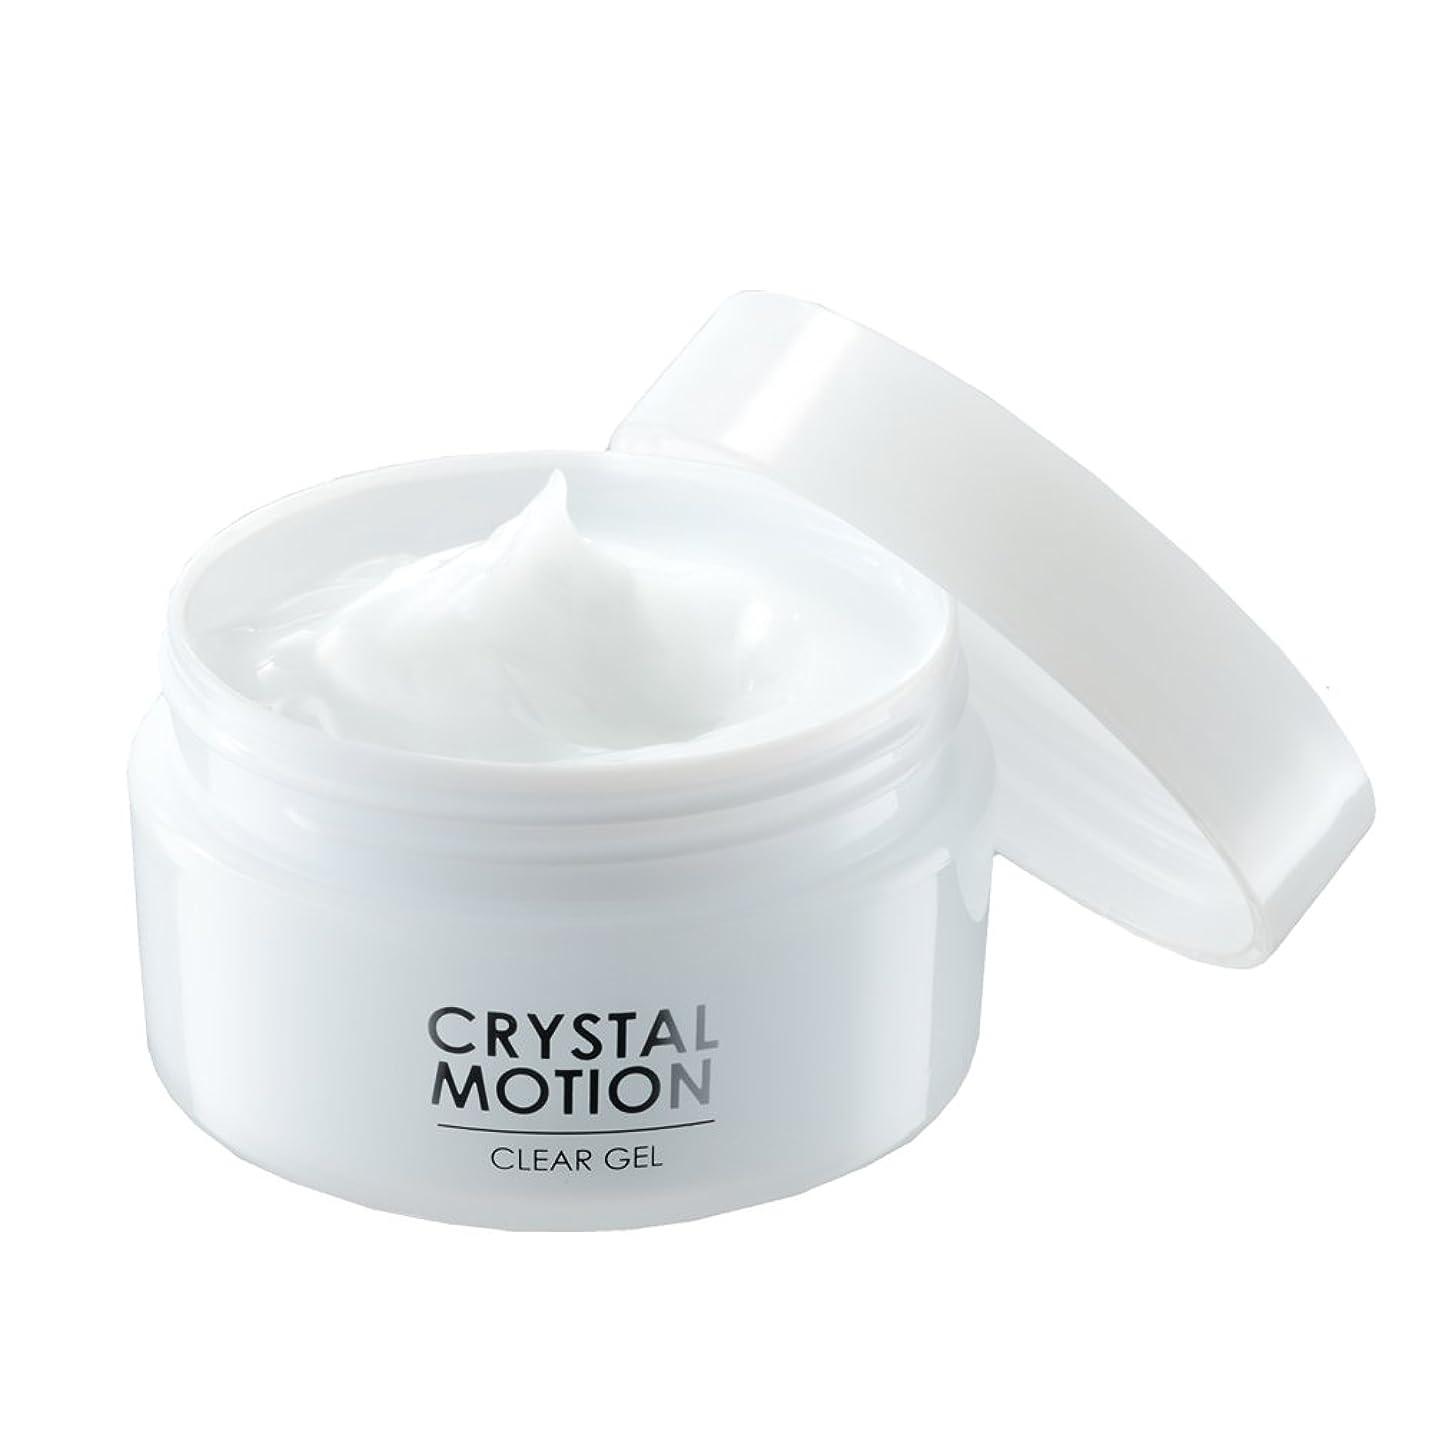 橋アロングヘルシークリスタルモーション CRYSTAL MOTION 薬用ニキビケアジェル 保湿 乾燥 美白 美肌 ニキビ 予防 1ヶ月分 60g